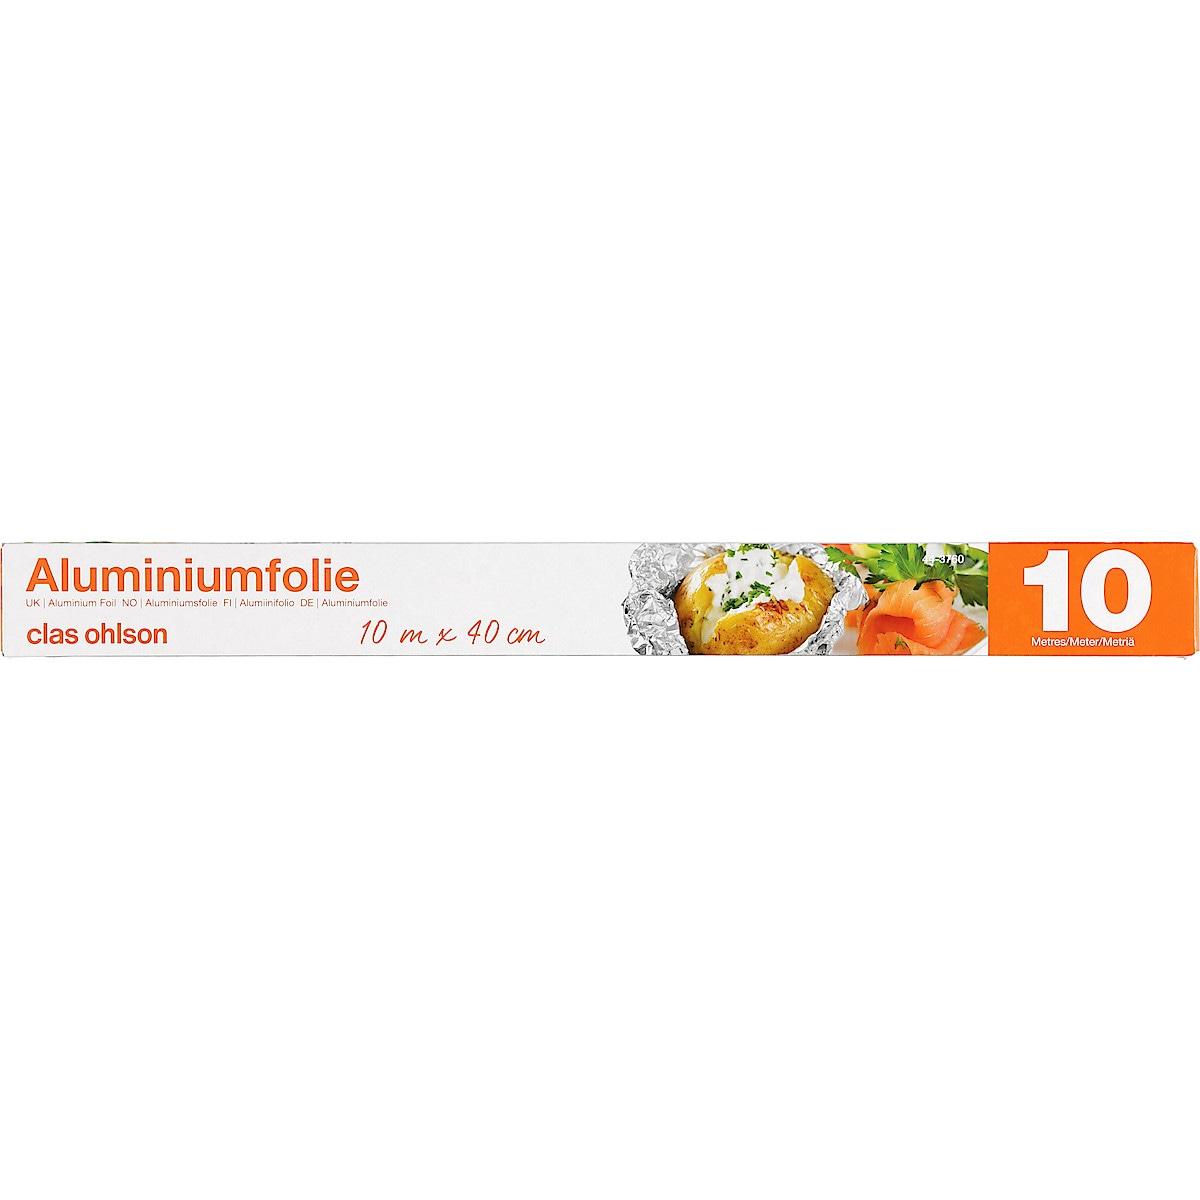 Aluminiumfolie 10 meter